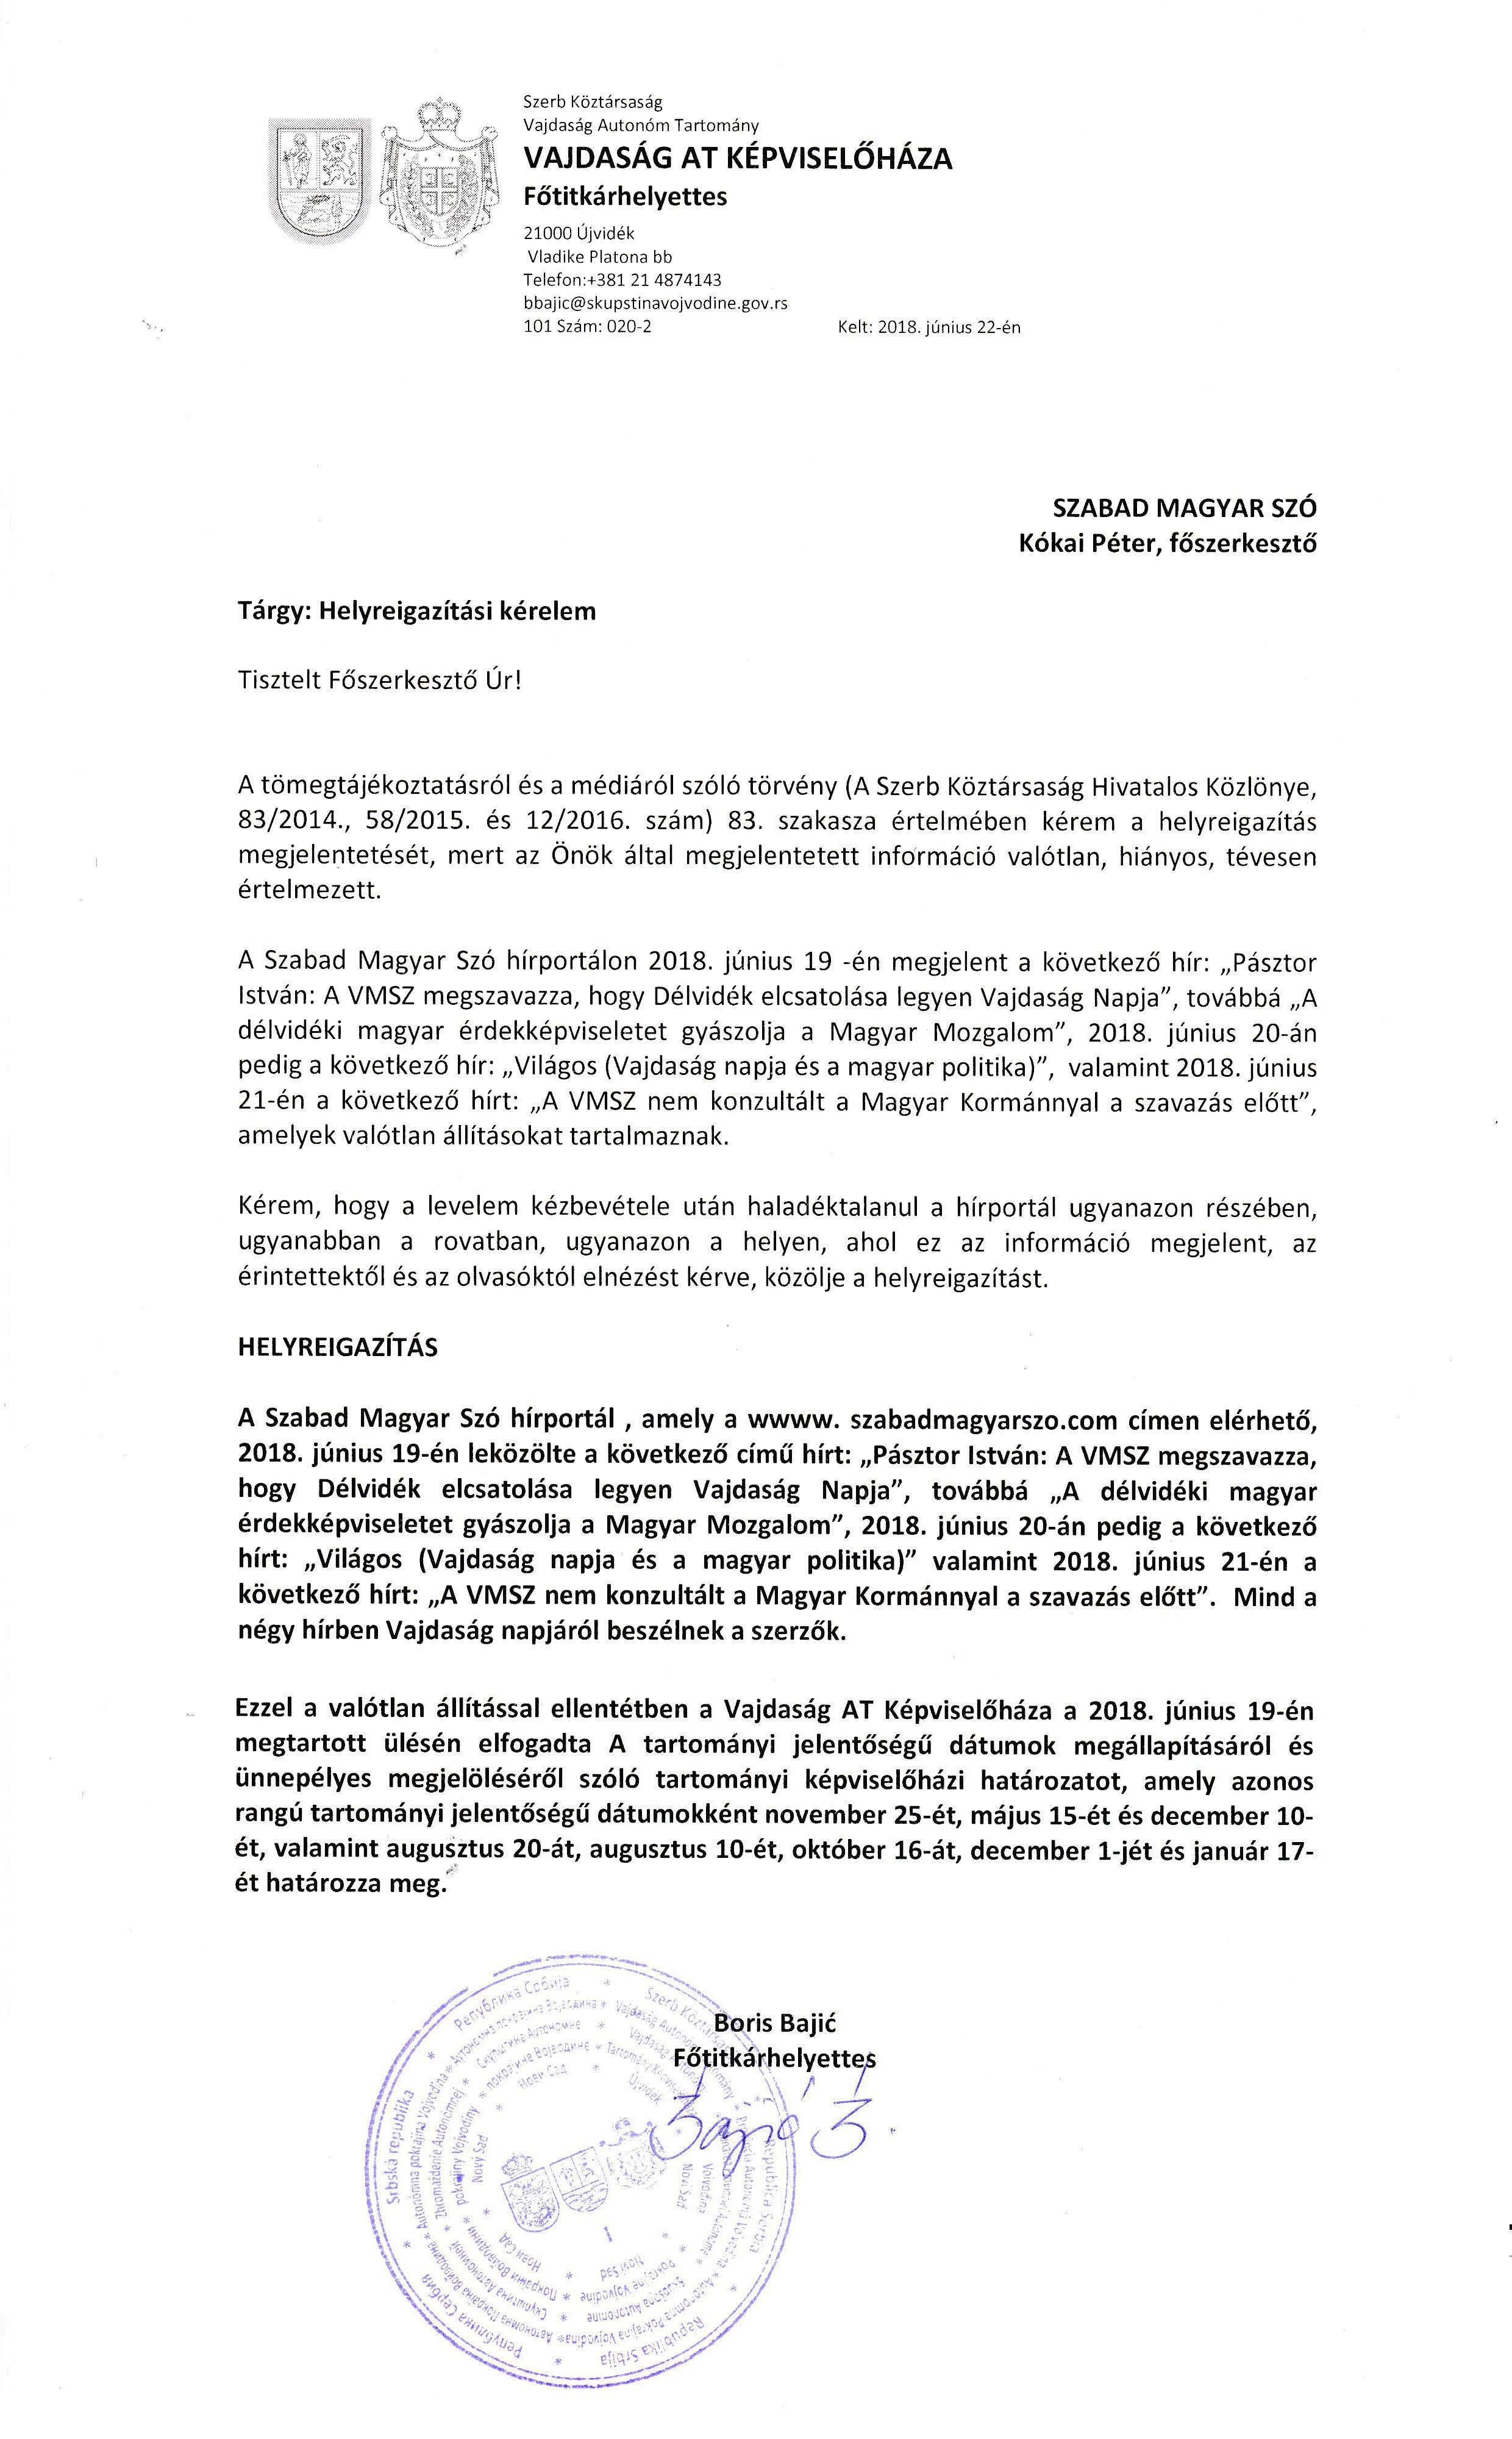 VAT Képviselőháza Főtitkárhelyettesének Helyreigazítási kérelme